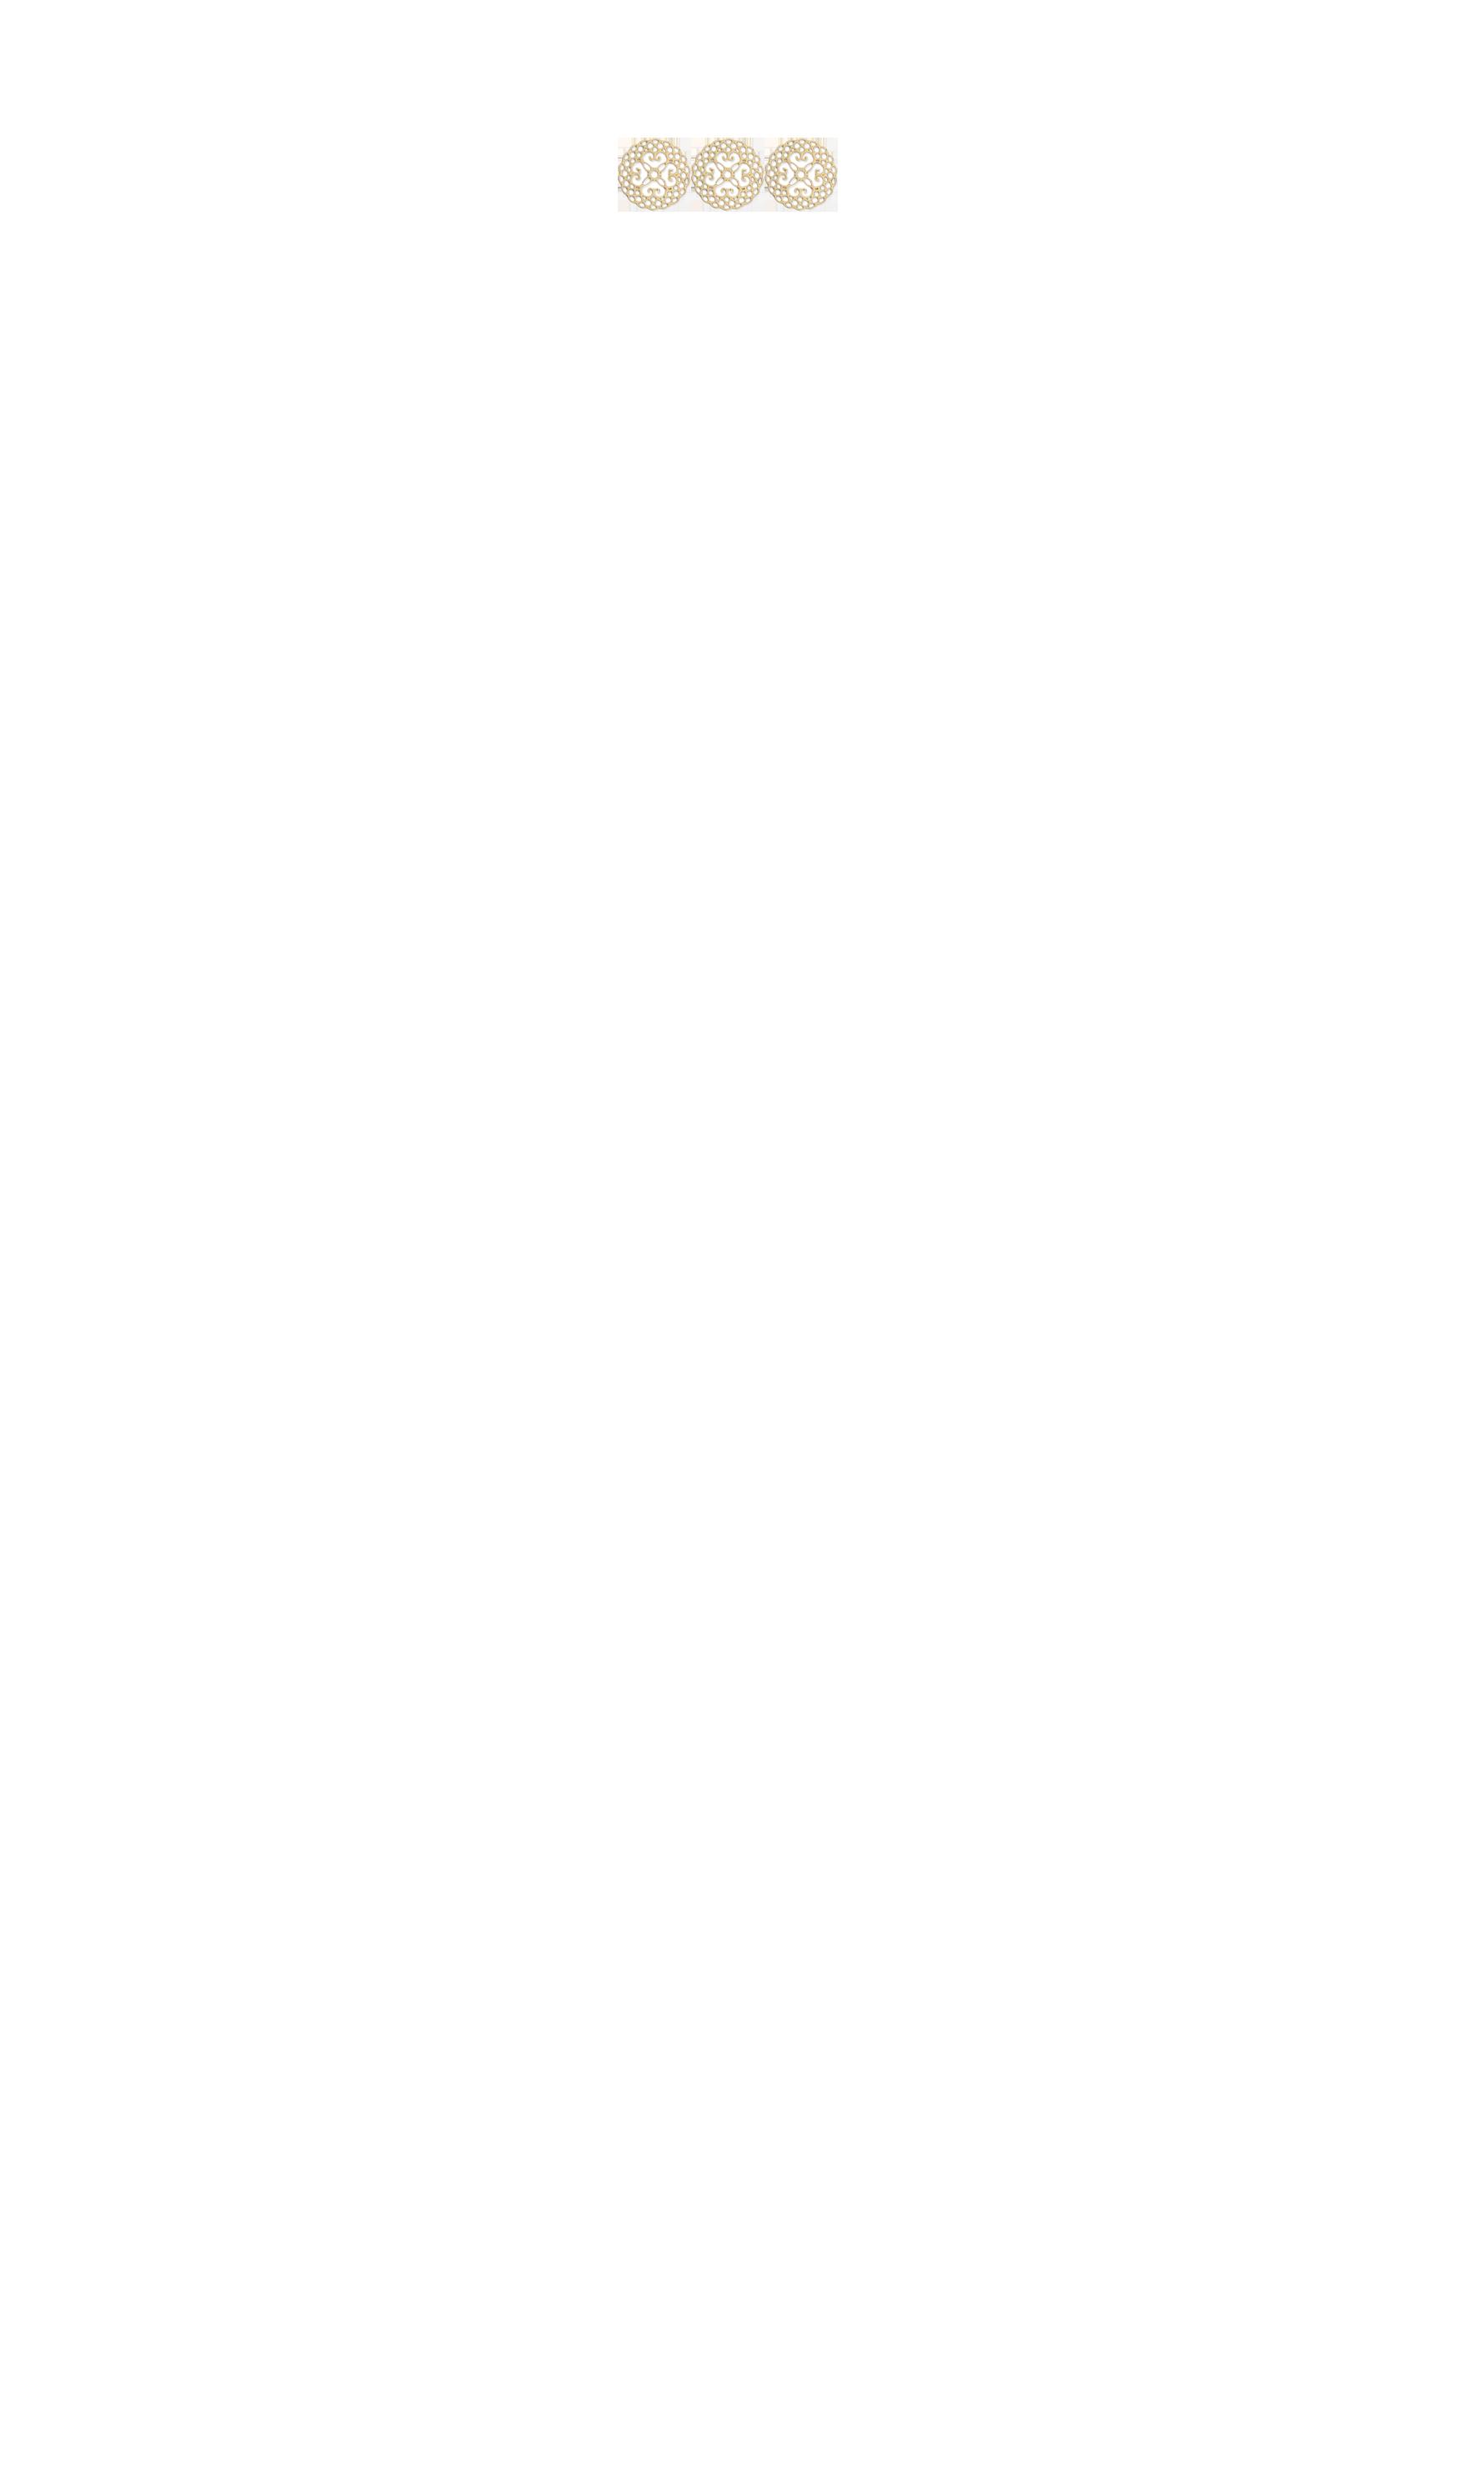 mini estampe ronde or haut x3